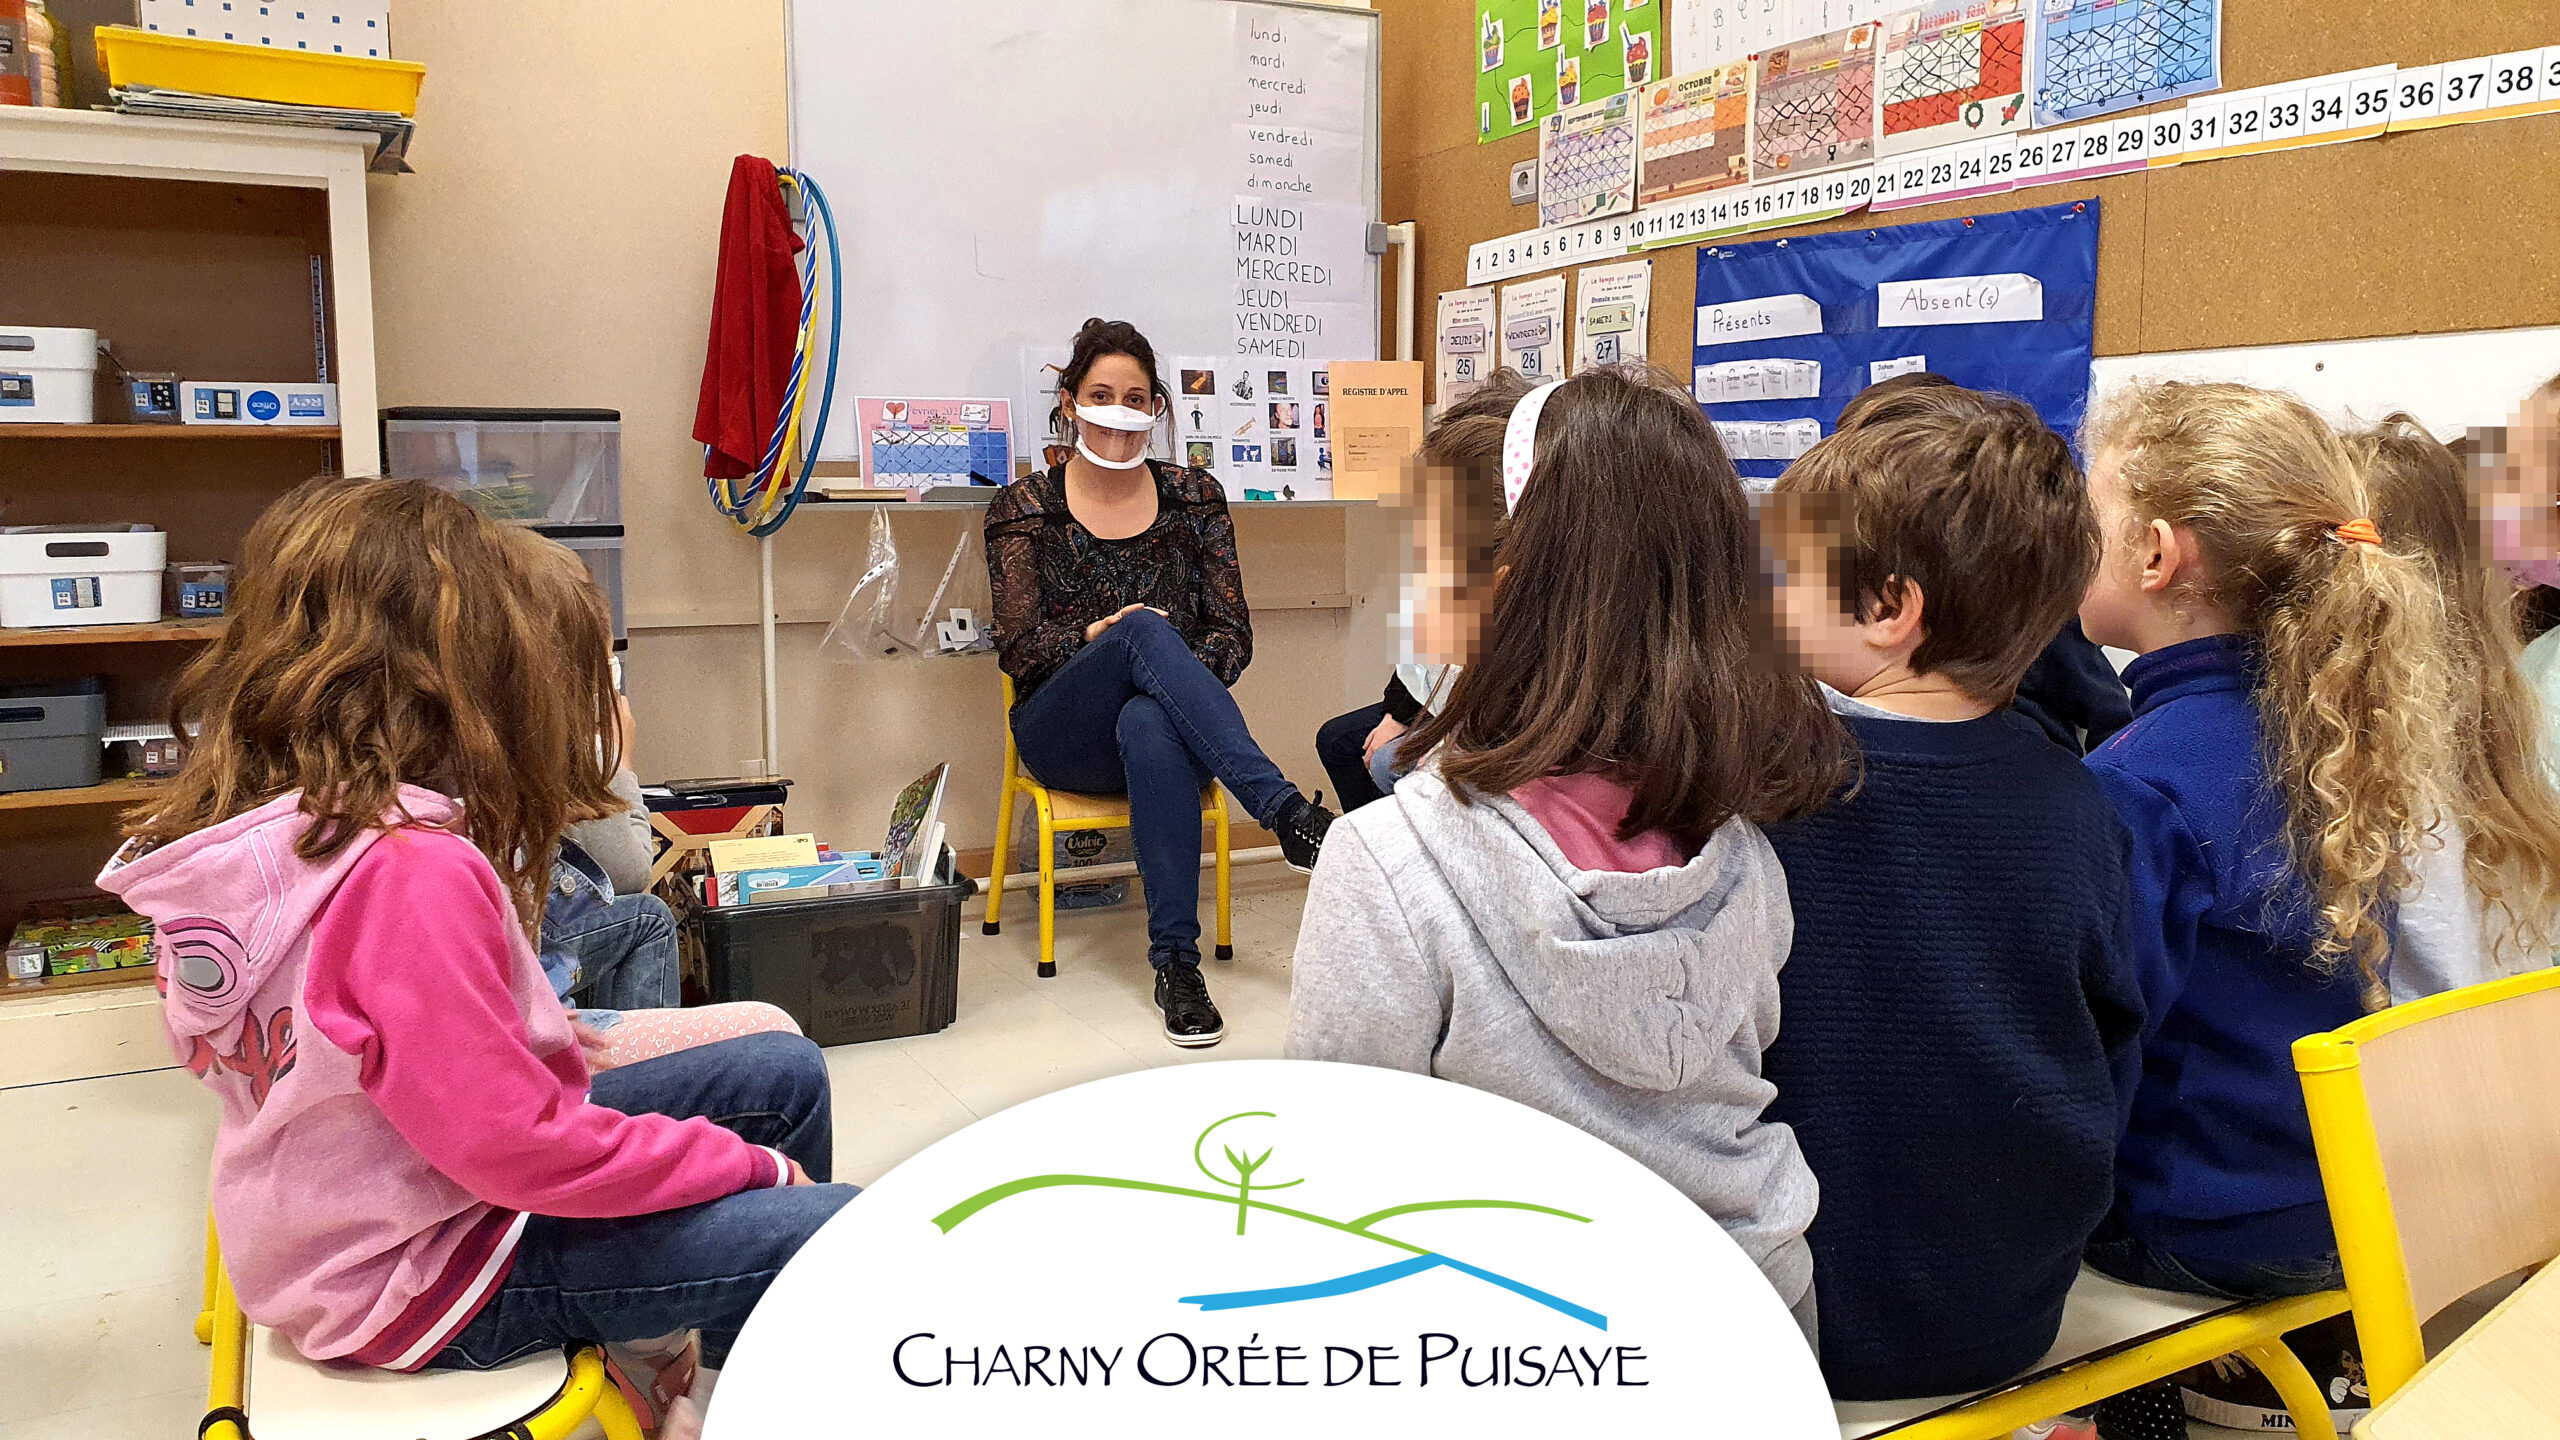 Masque inclusif pour les enseignants de la Commune de Charny Orée de Puisaye